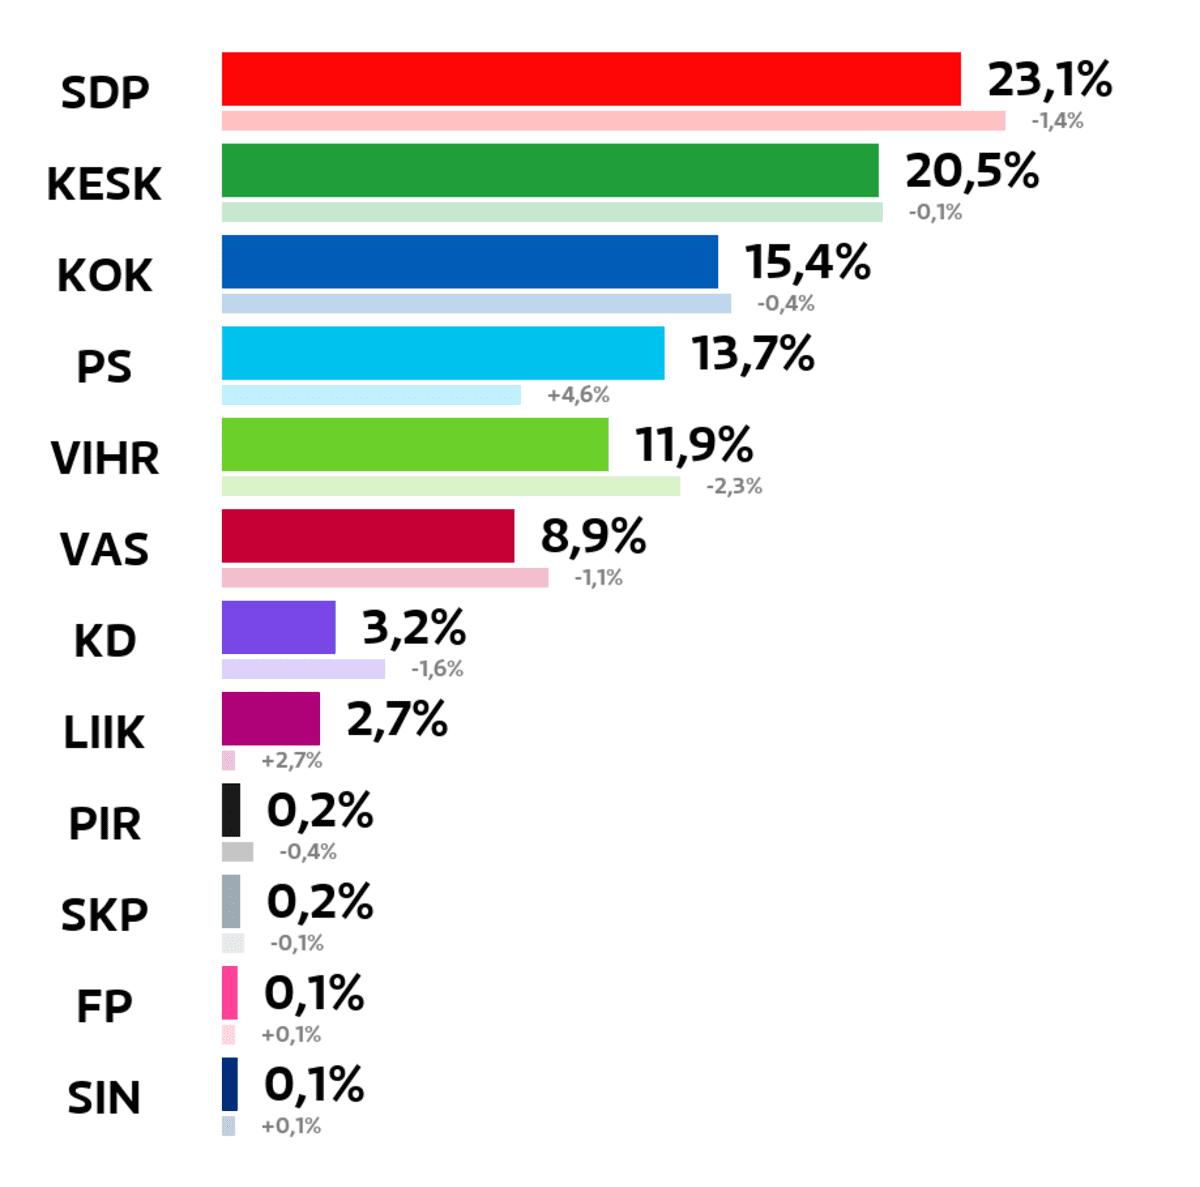 Joensuu: Kuntavaalien tulos (%) SDP: 23,1 prosenttia Keskusta: 20,5 prosenttia Kokoomus: 15,4 prosenttia Perussuomalaiset: 13,7 prosenttia Vihreät: 11,9 prosenttia Vasemmistoliitto: 8,9 prosenttia Kristillisdemokraatit: 3,2 prosenttia Liike Nyt: 2,7 prosenttia Piraattipuolue: 0,2 prosenttia Suomen Kommunistinen Puolue: 0,2 prosenttia Feministinen puolue: 0,1 prosenttia Sininen tulevaisuus: 0,1 prosenttia